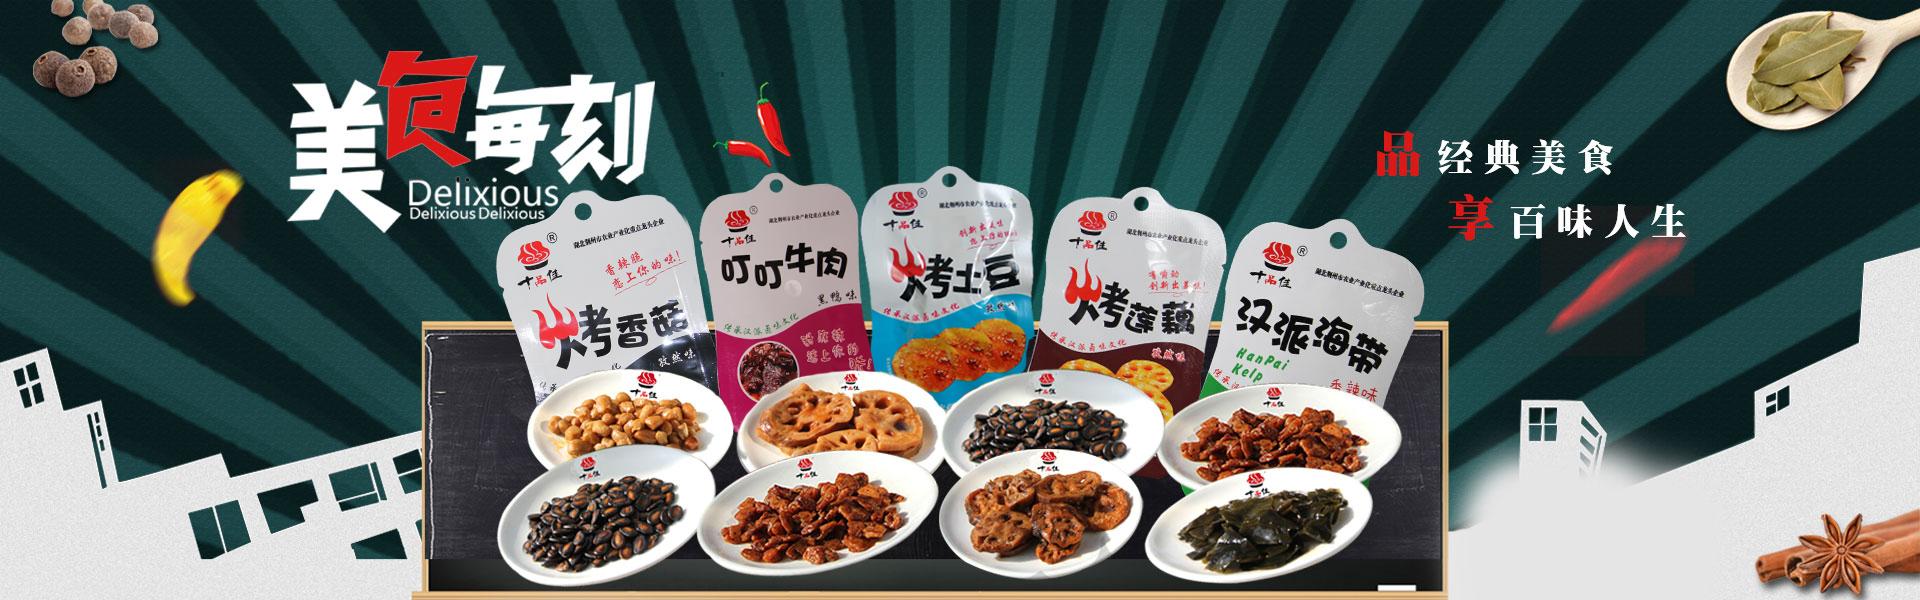 湖北亚虎网络娱乐手机版食品哪家